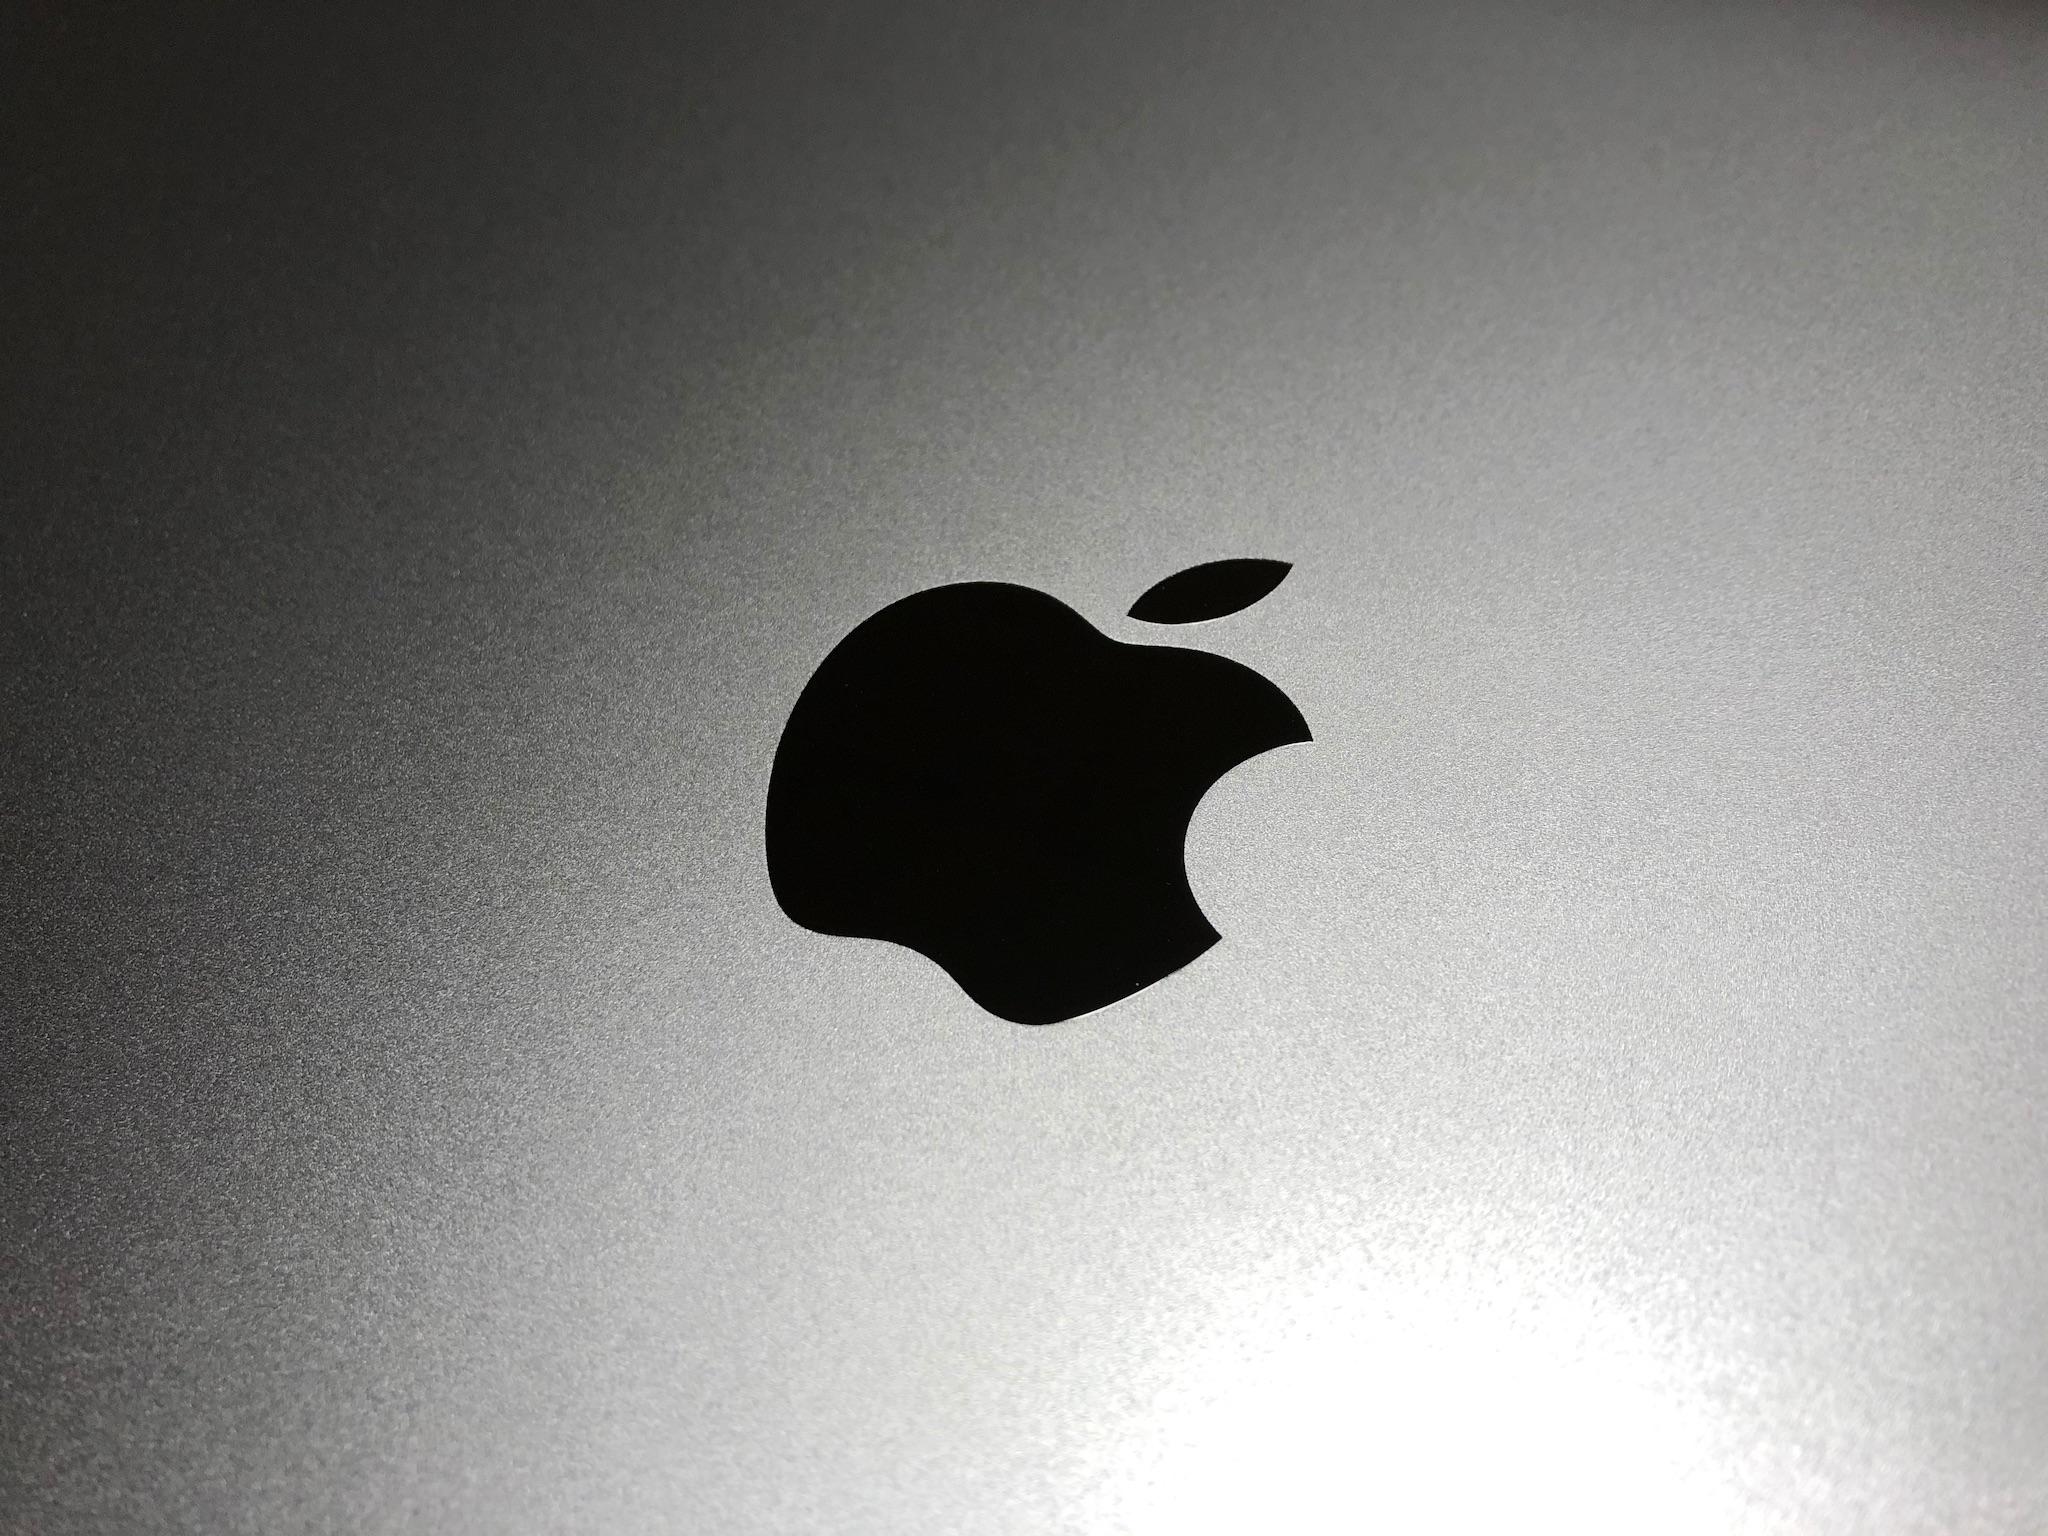 16インチMacBook ProのAppleマーク